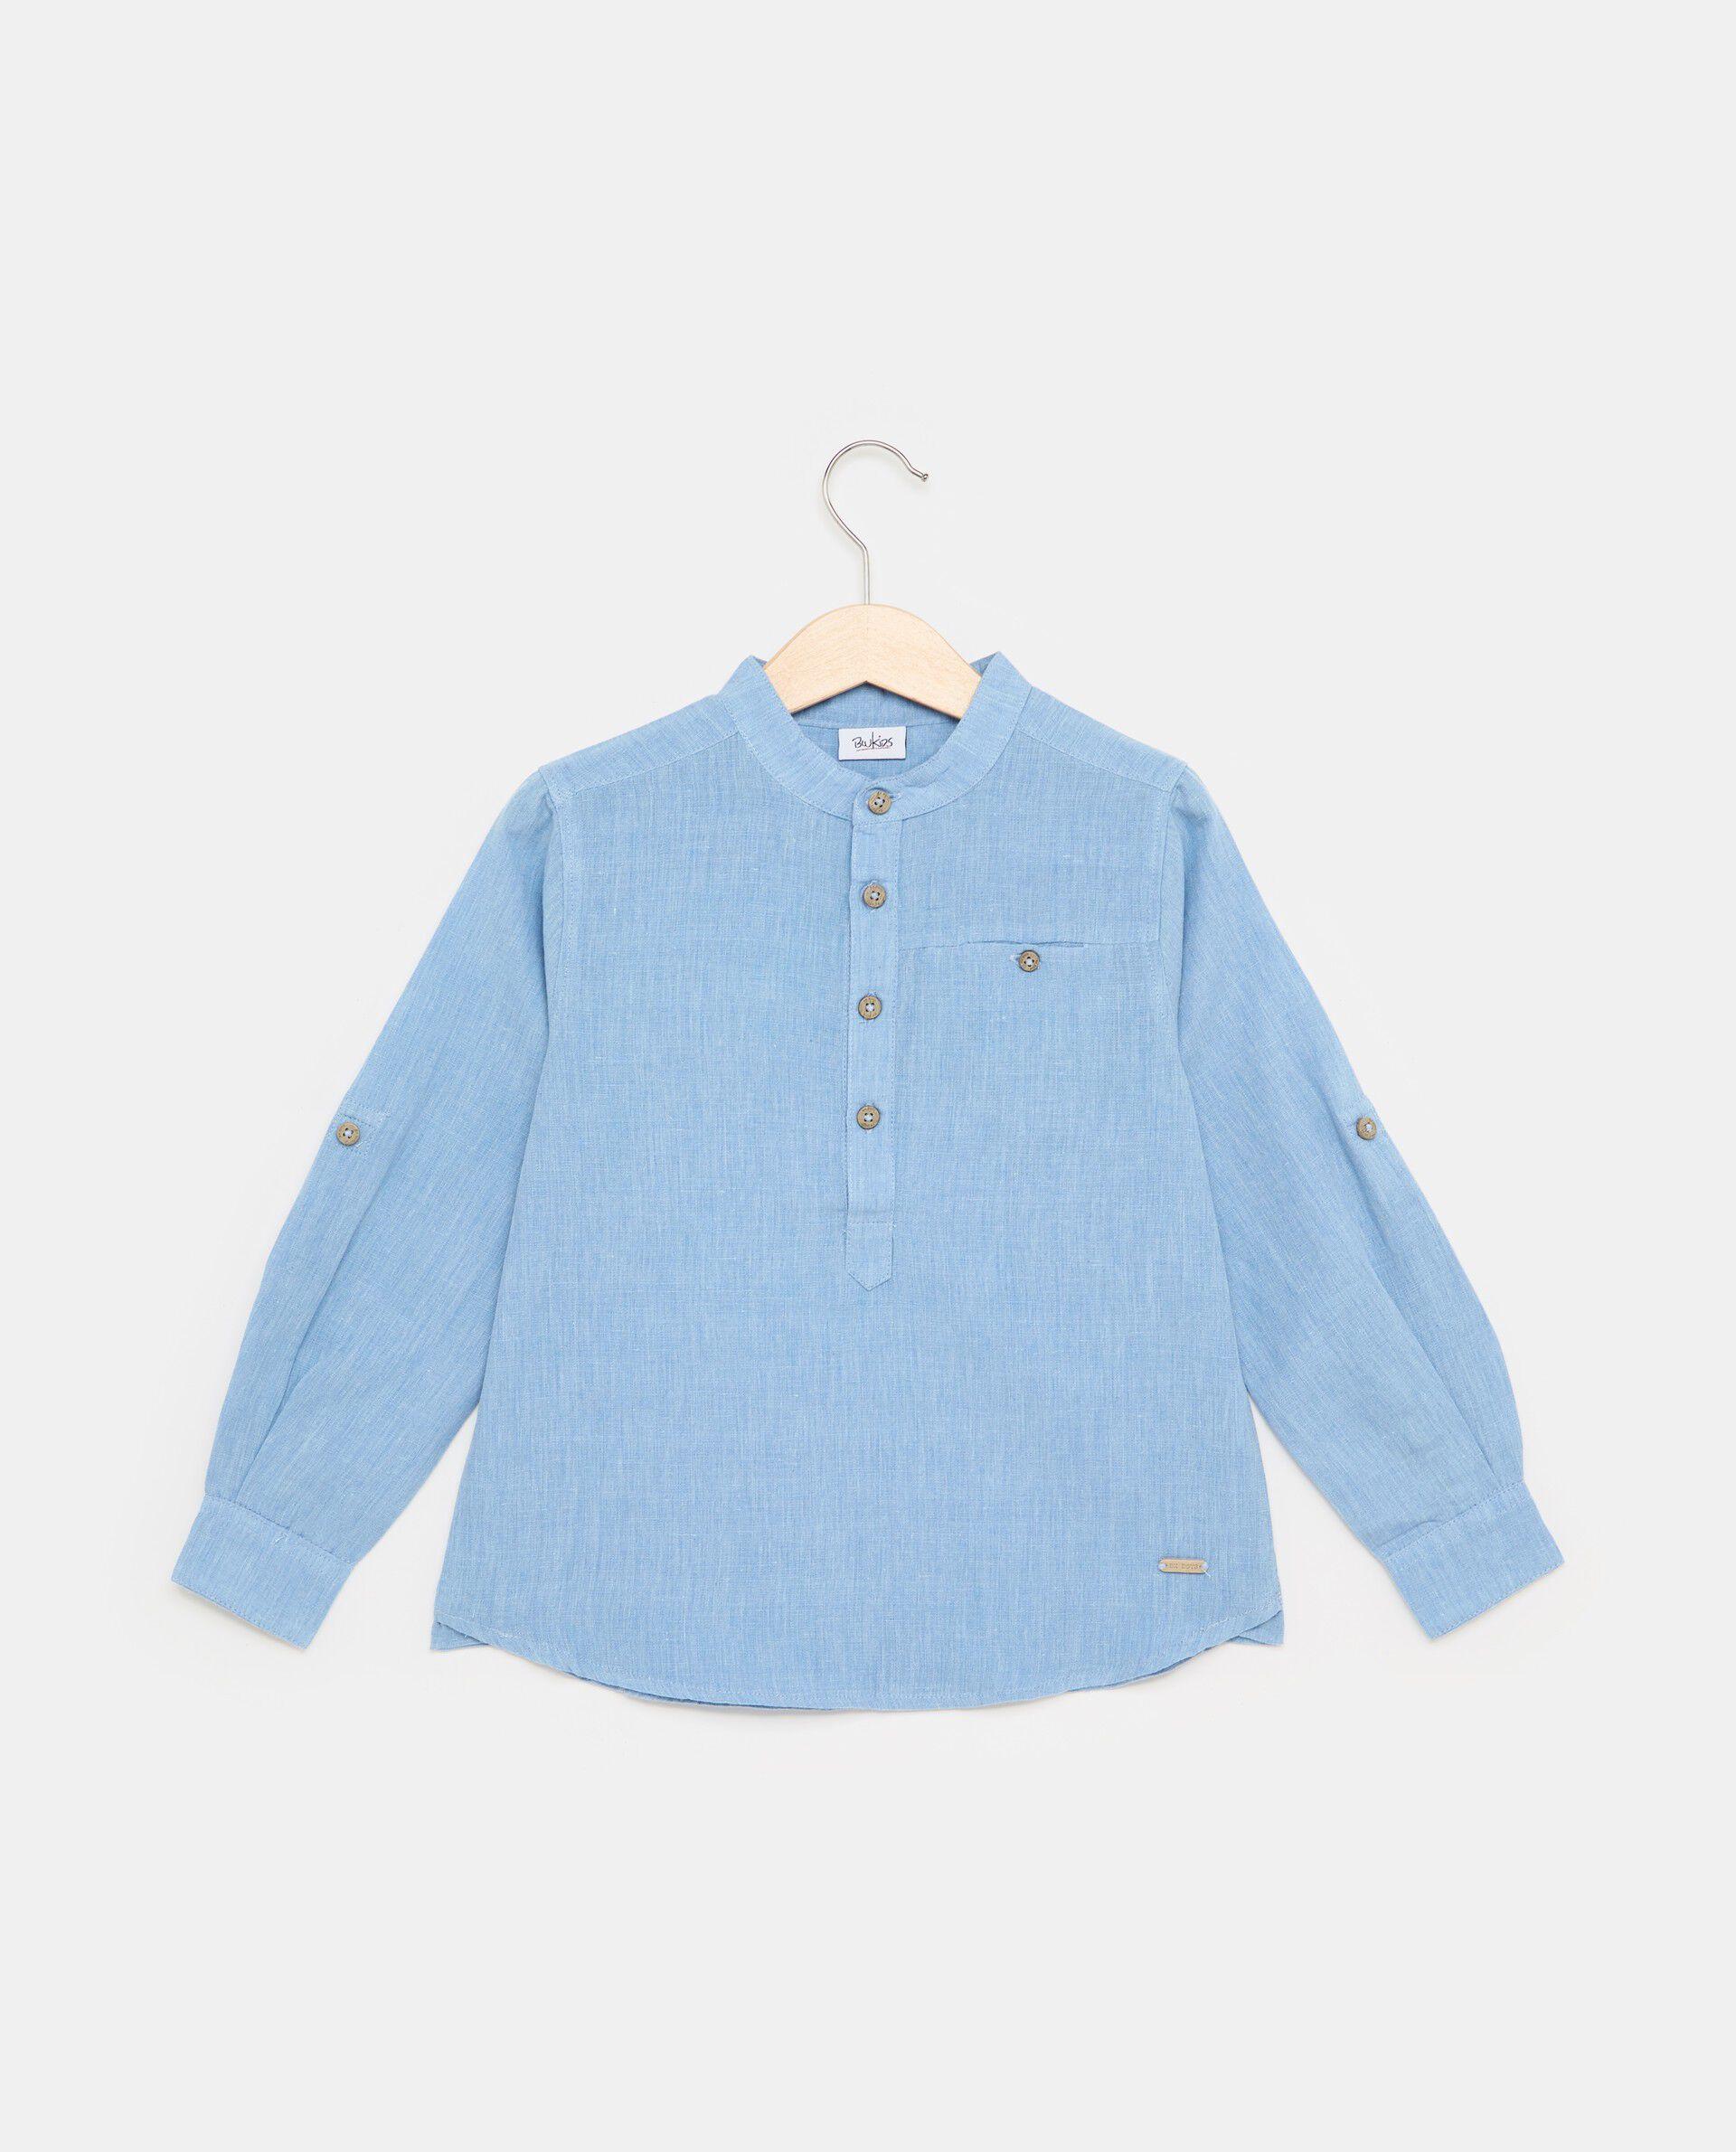 Camicia tinta unita in cotone misto lino bambino